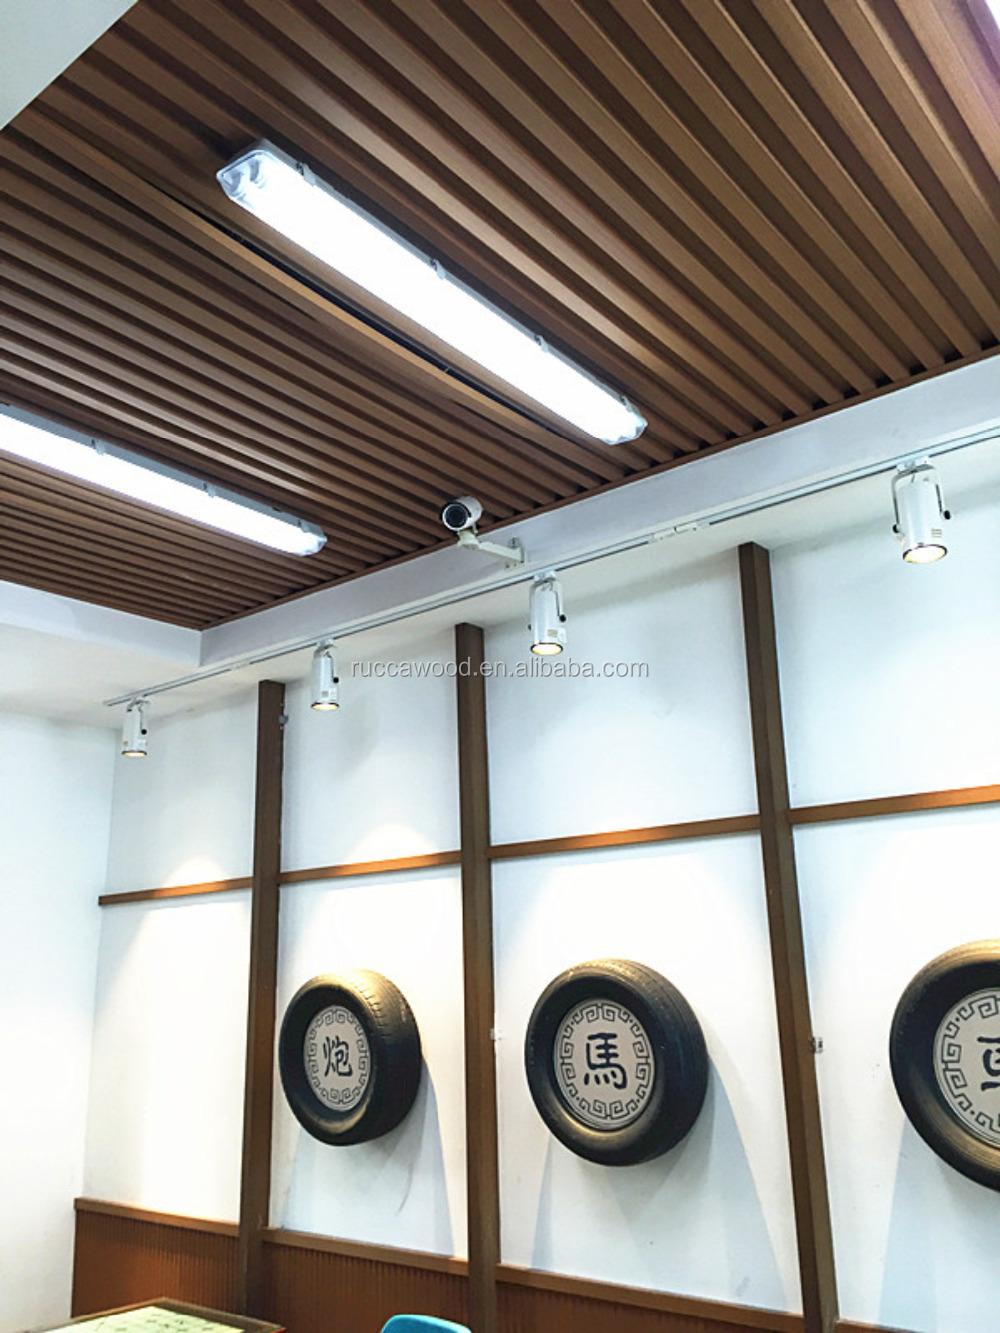 rucca wpc madera compuesto tablero del techo pvc diseo falso techo para decoracin interior